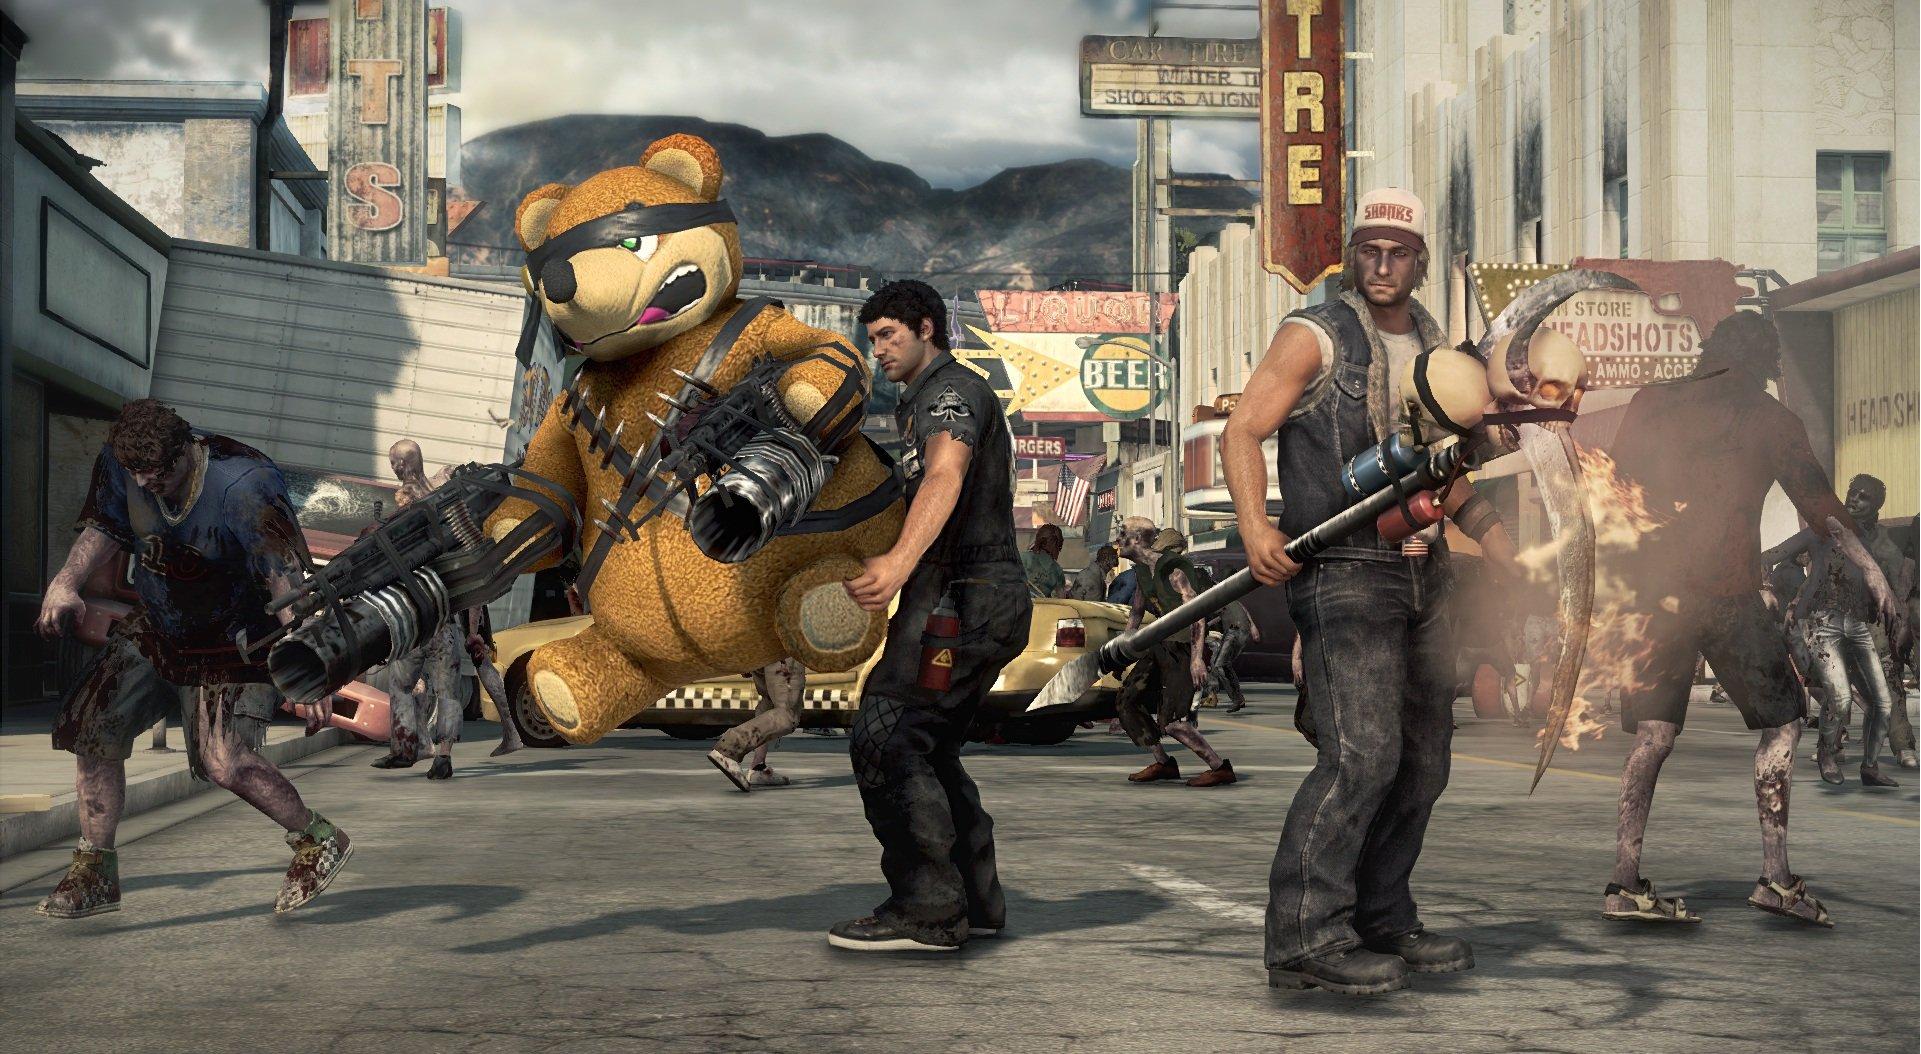 Скриншот Dead Rising 3 - Apocalypse Edition (2014) REPACK ОТ R.G. МЕХАНИКИ скачать торрент бесплатно